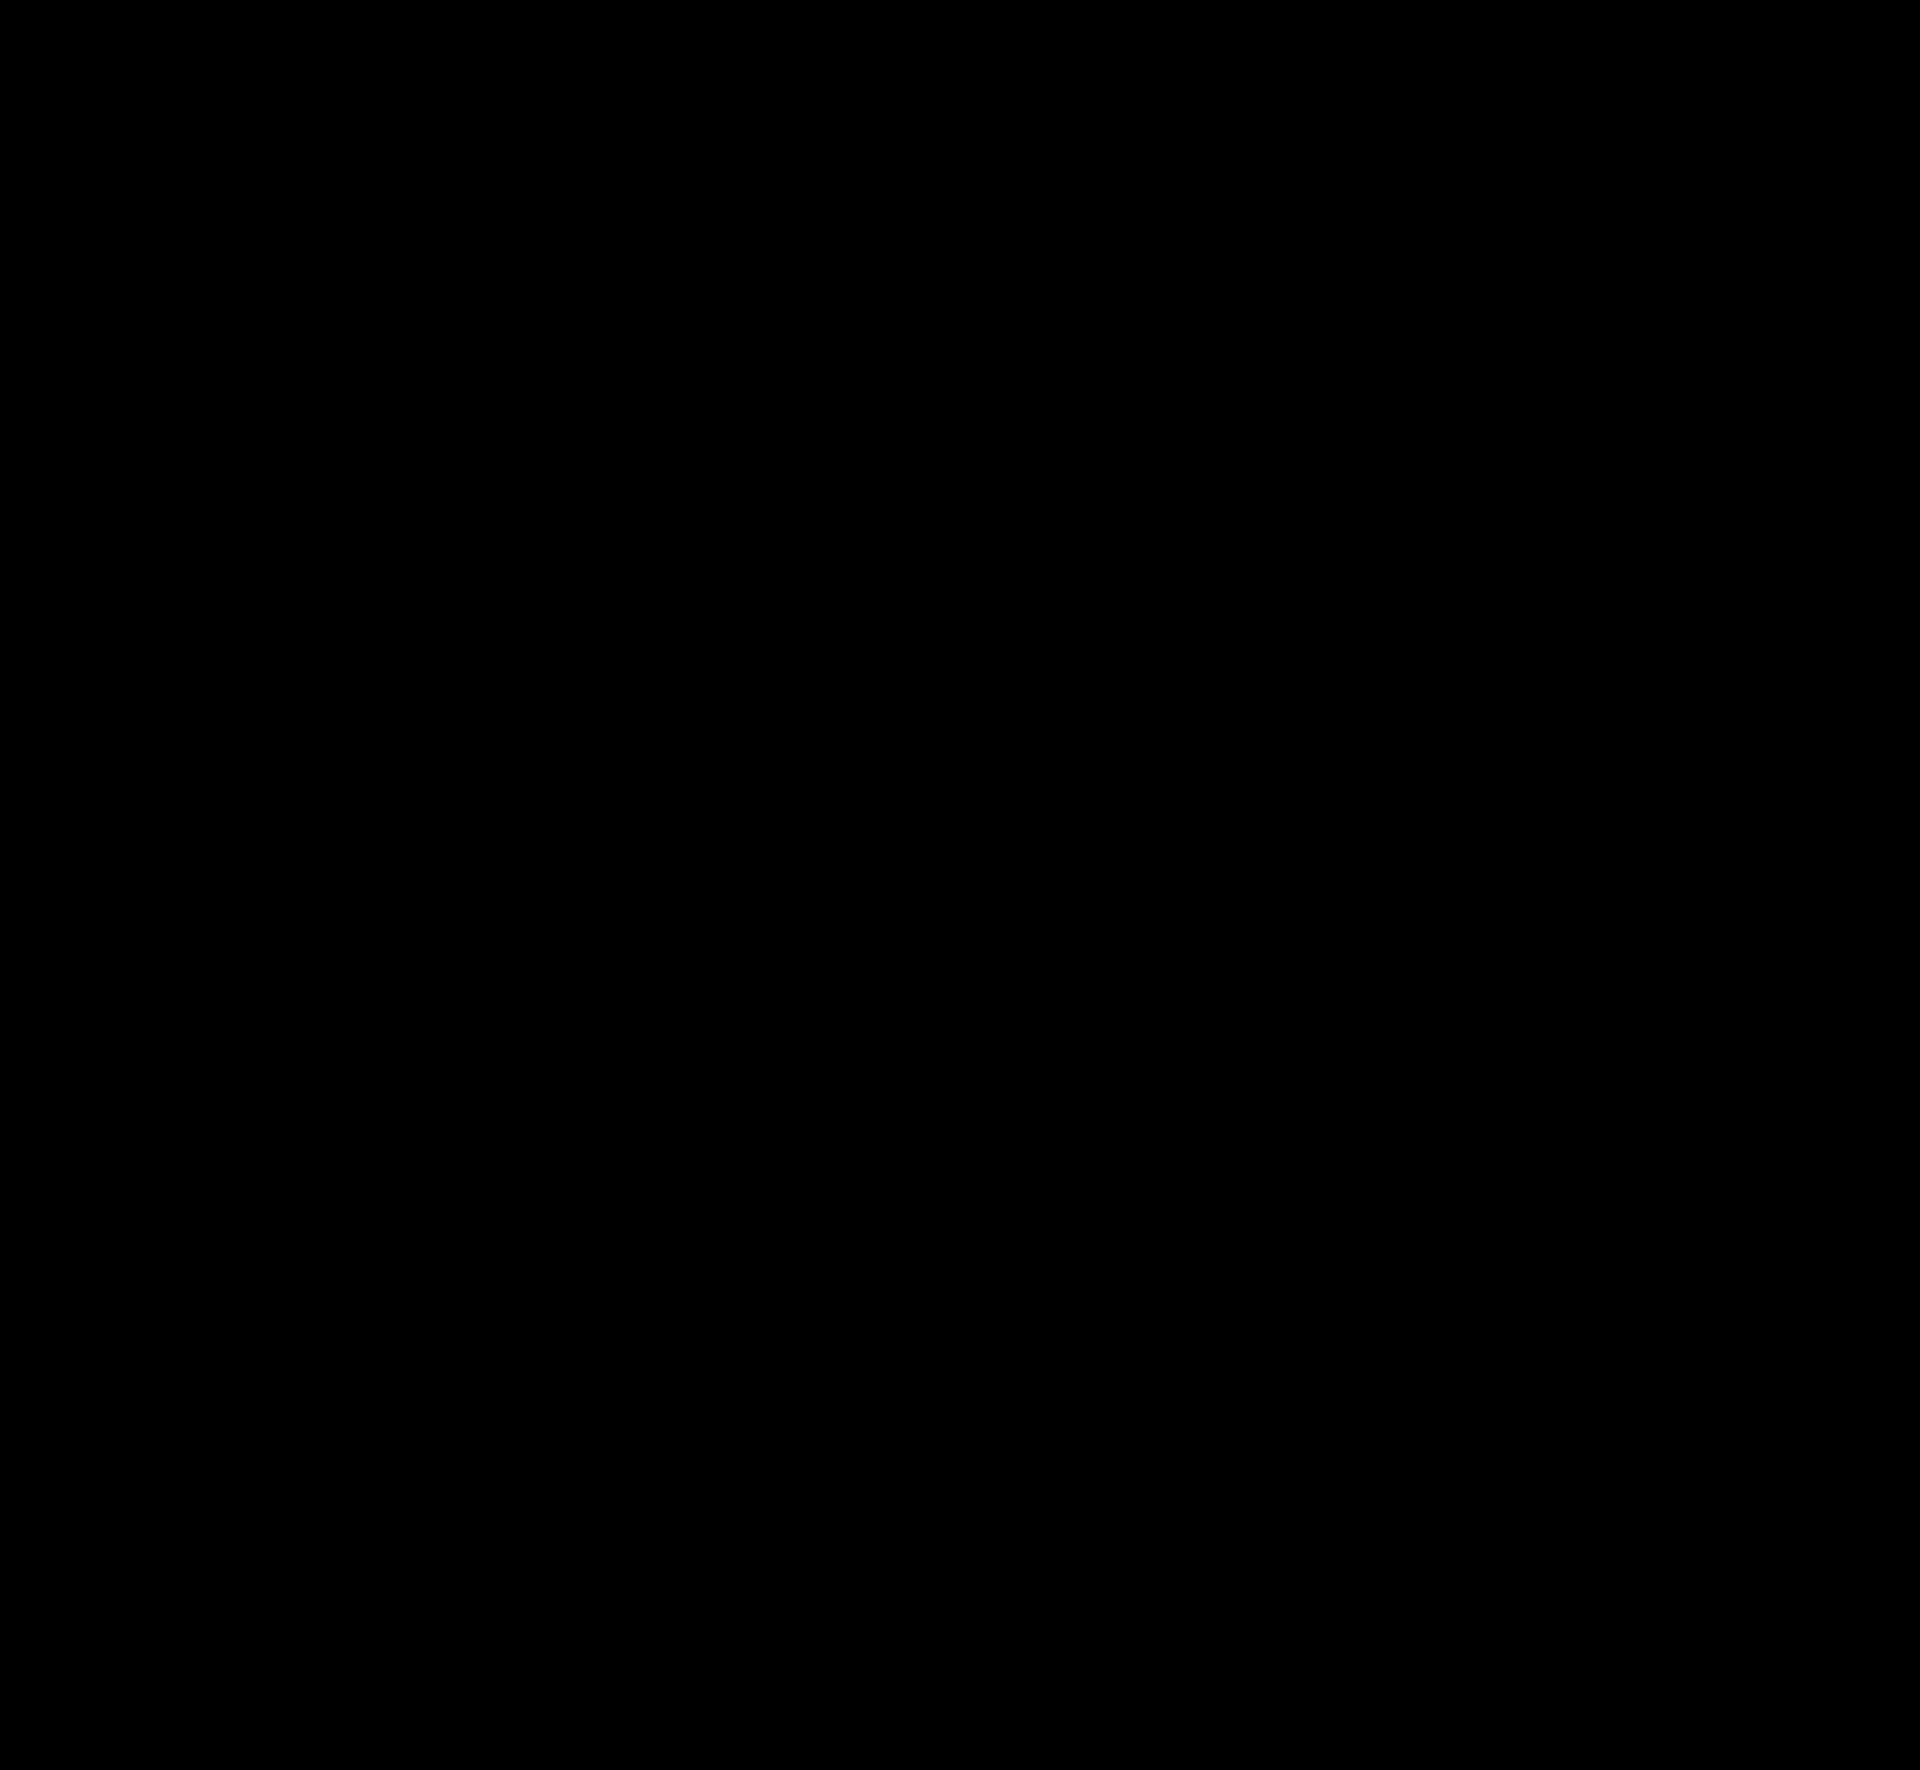 bb4b3dcd992d414a5e